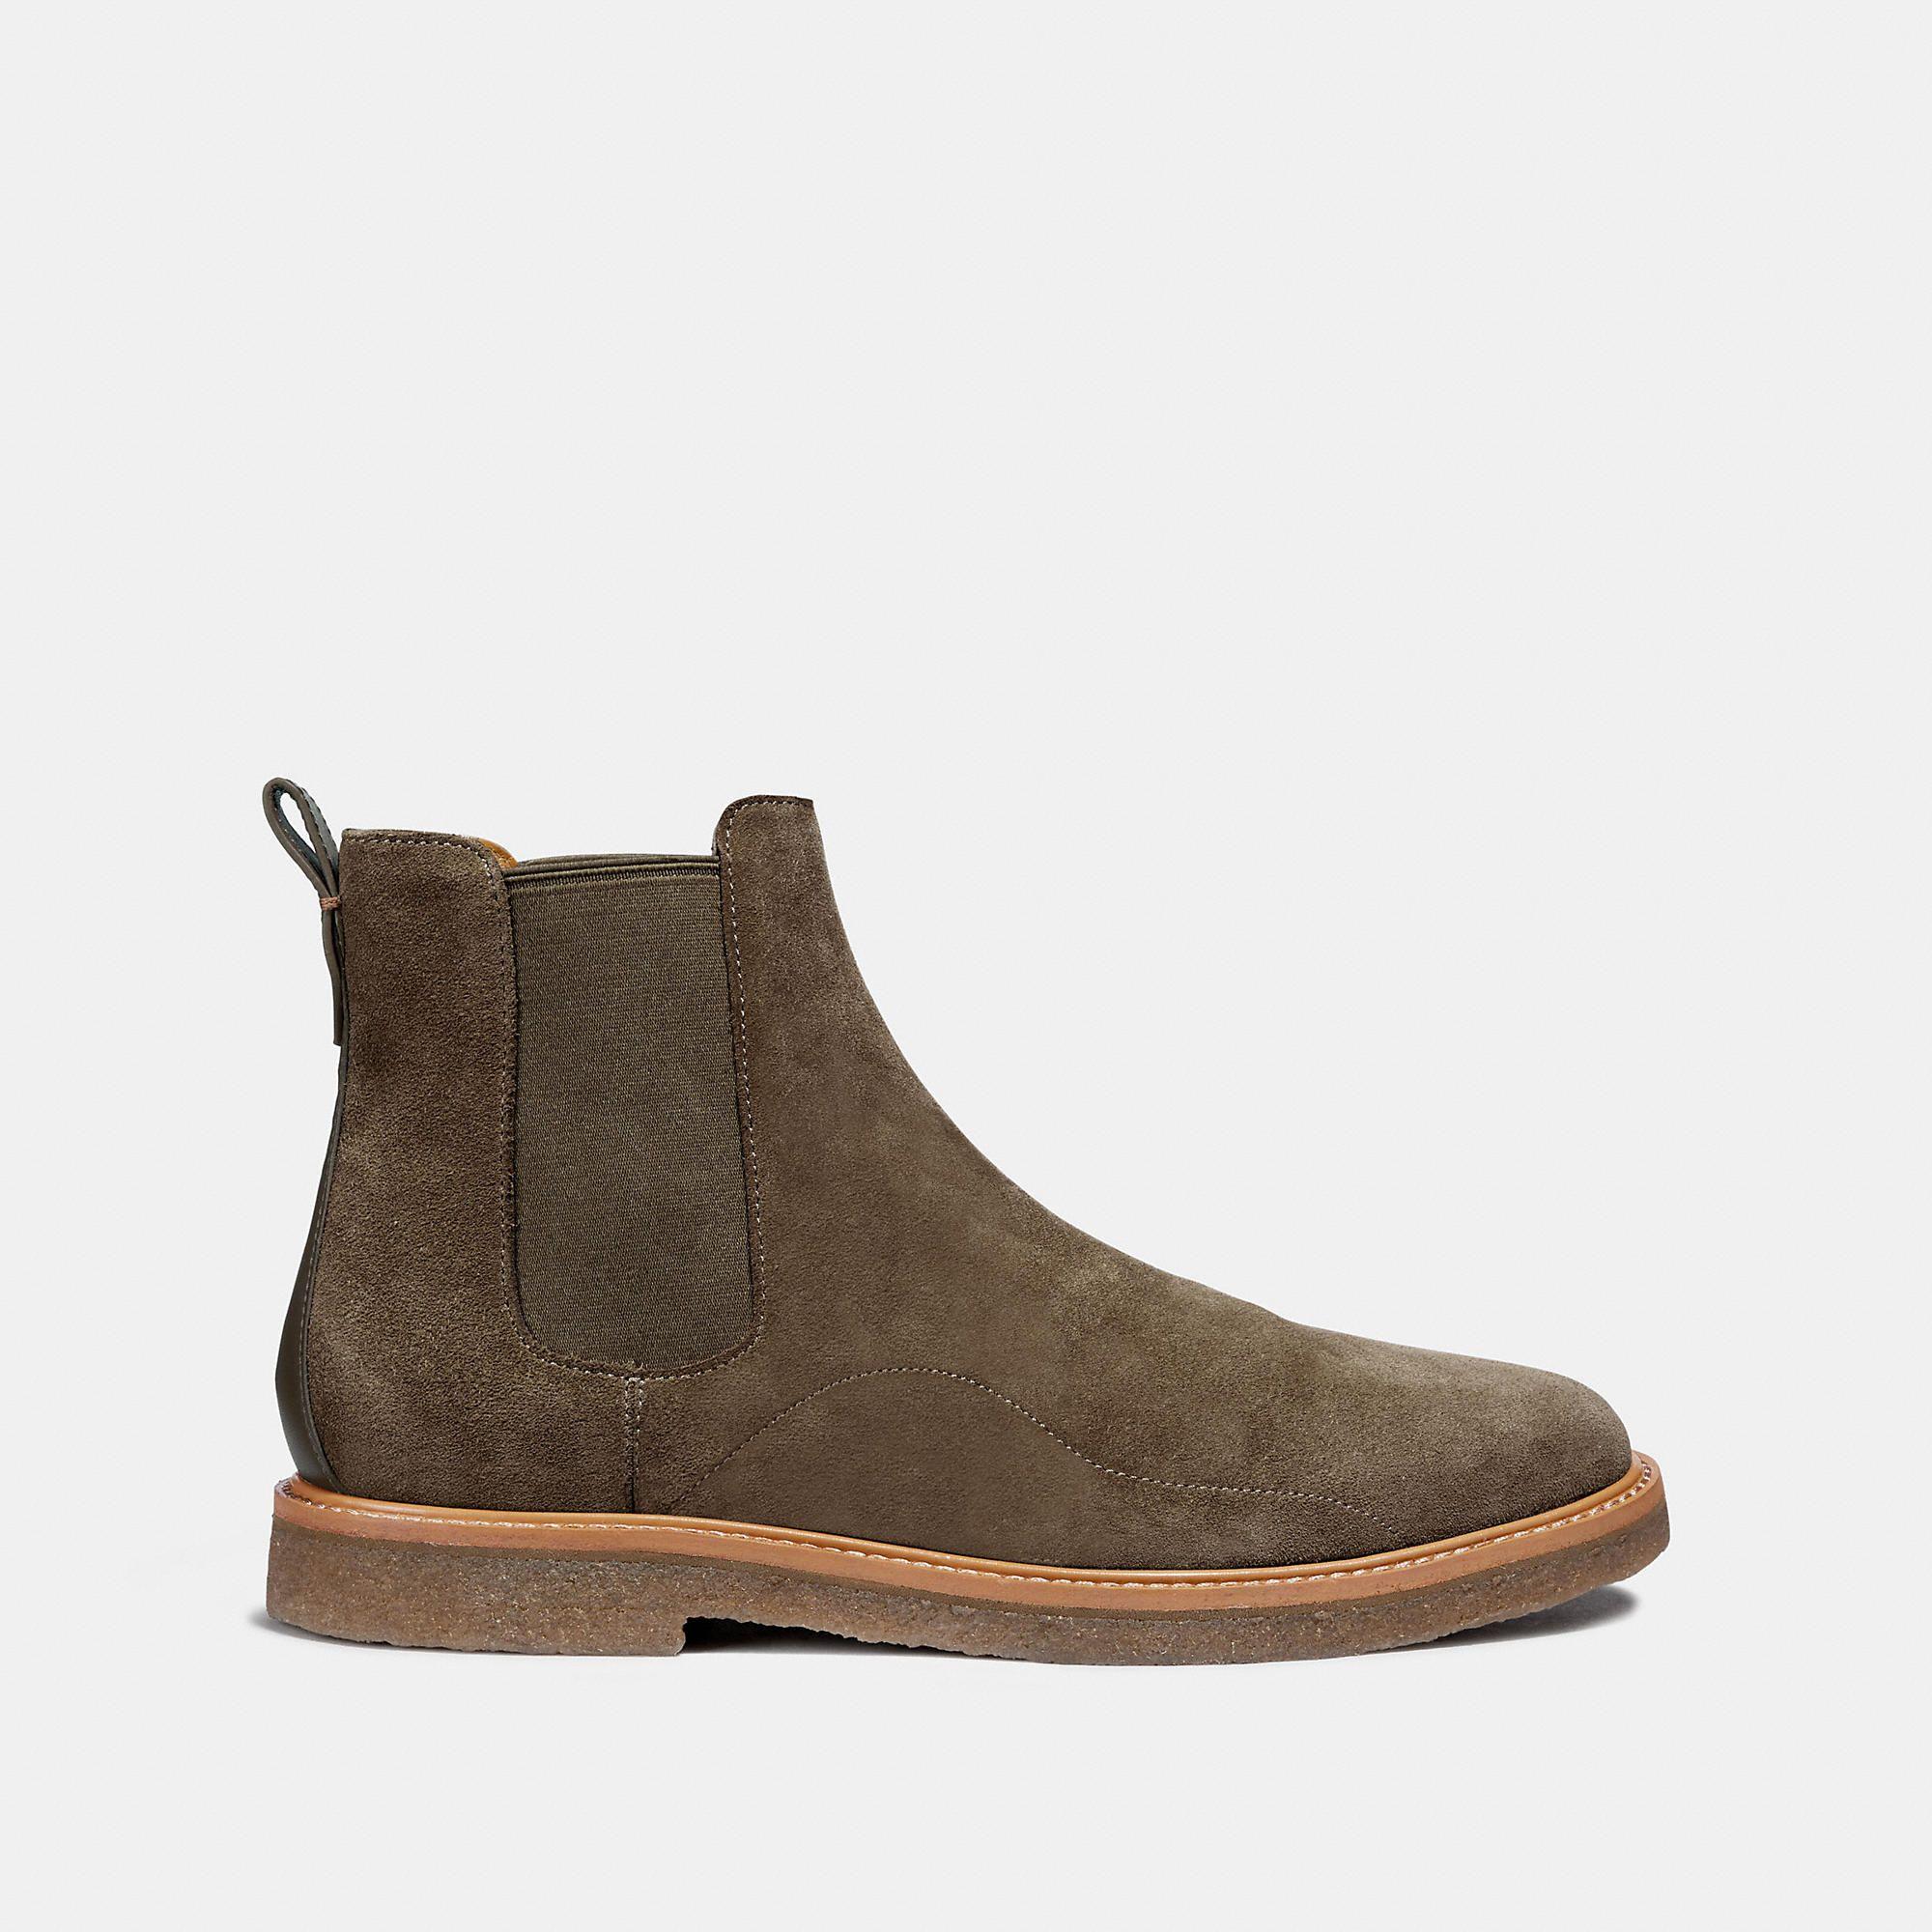 8059a85d0a6e COACH Men s Chelsea Boot